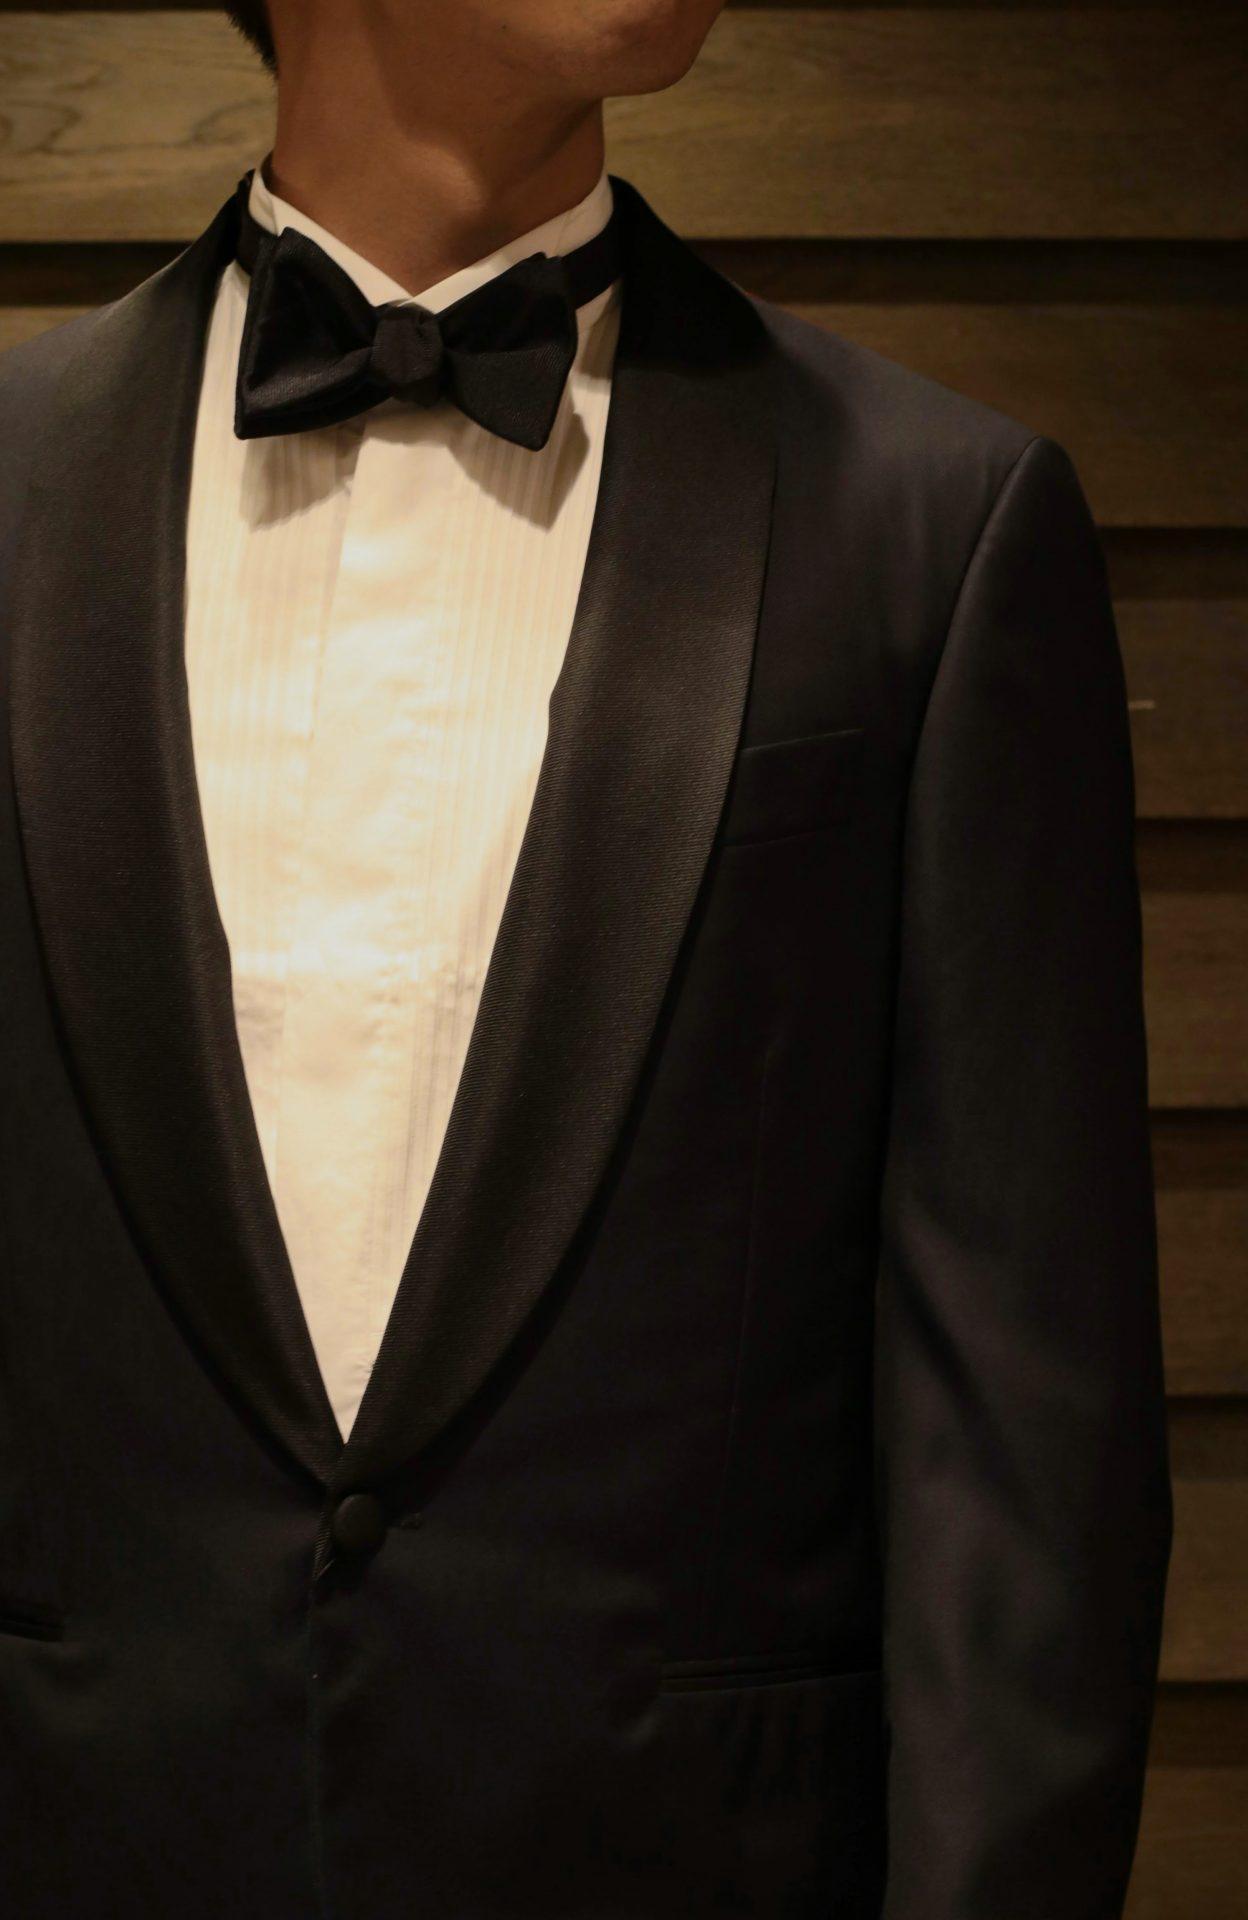 タキシードにブラックの蝶ネクタイとプリーツシャツを合わせた正統なフォーマルスタイルを表参道にあるTHE TREAT DRESSING ADDITION店(ザ・トリート・ドレッシング アディション店)がご紹介します。提携するパレスホテル東京などの格式高い結婚式会場にお勧めのスタイルです。